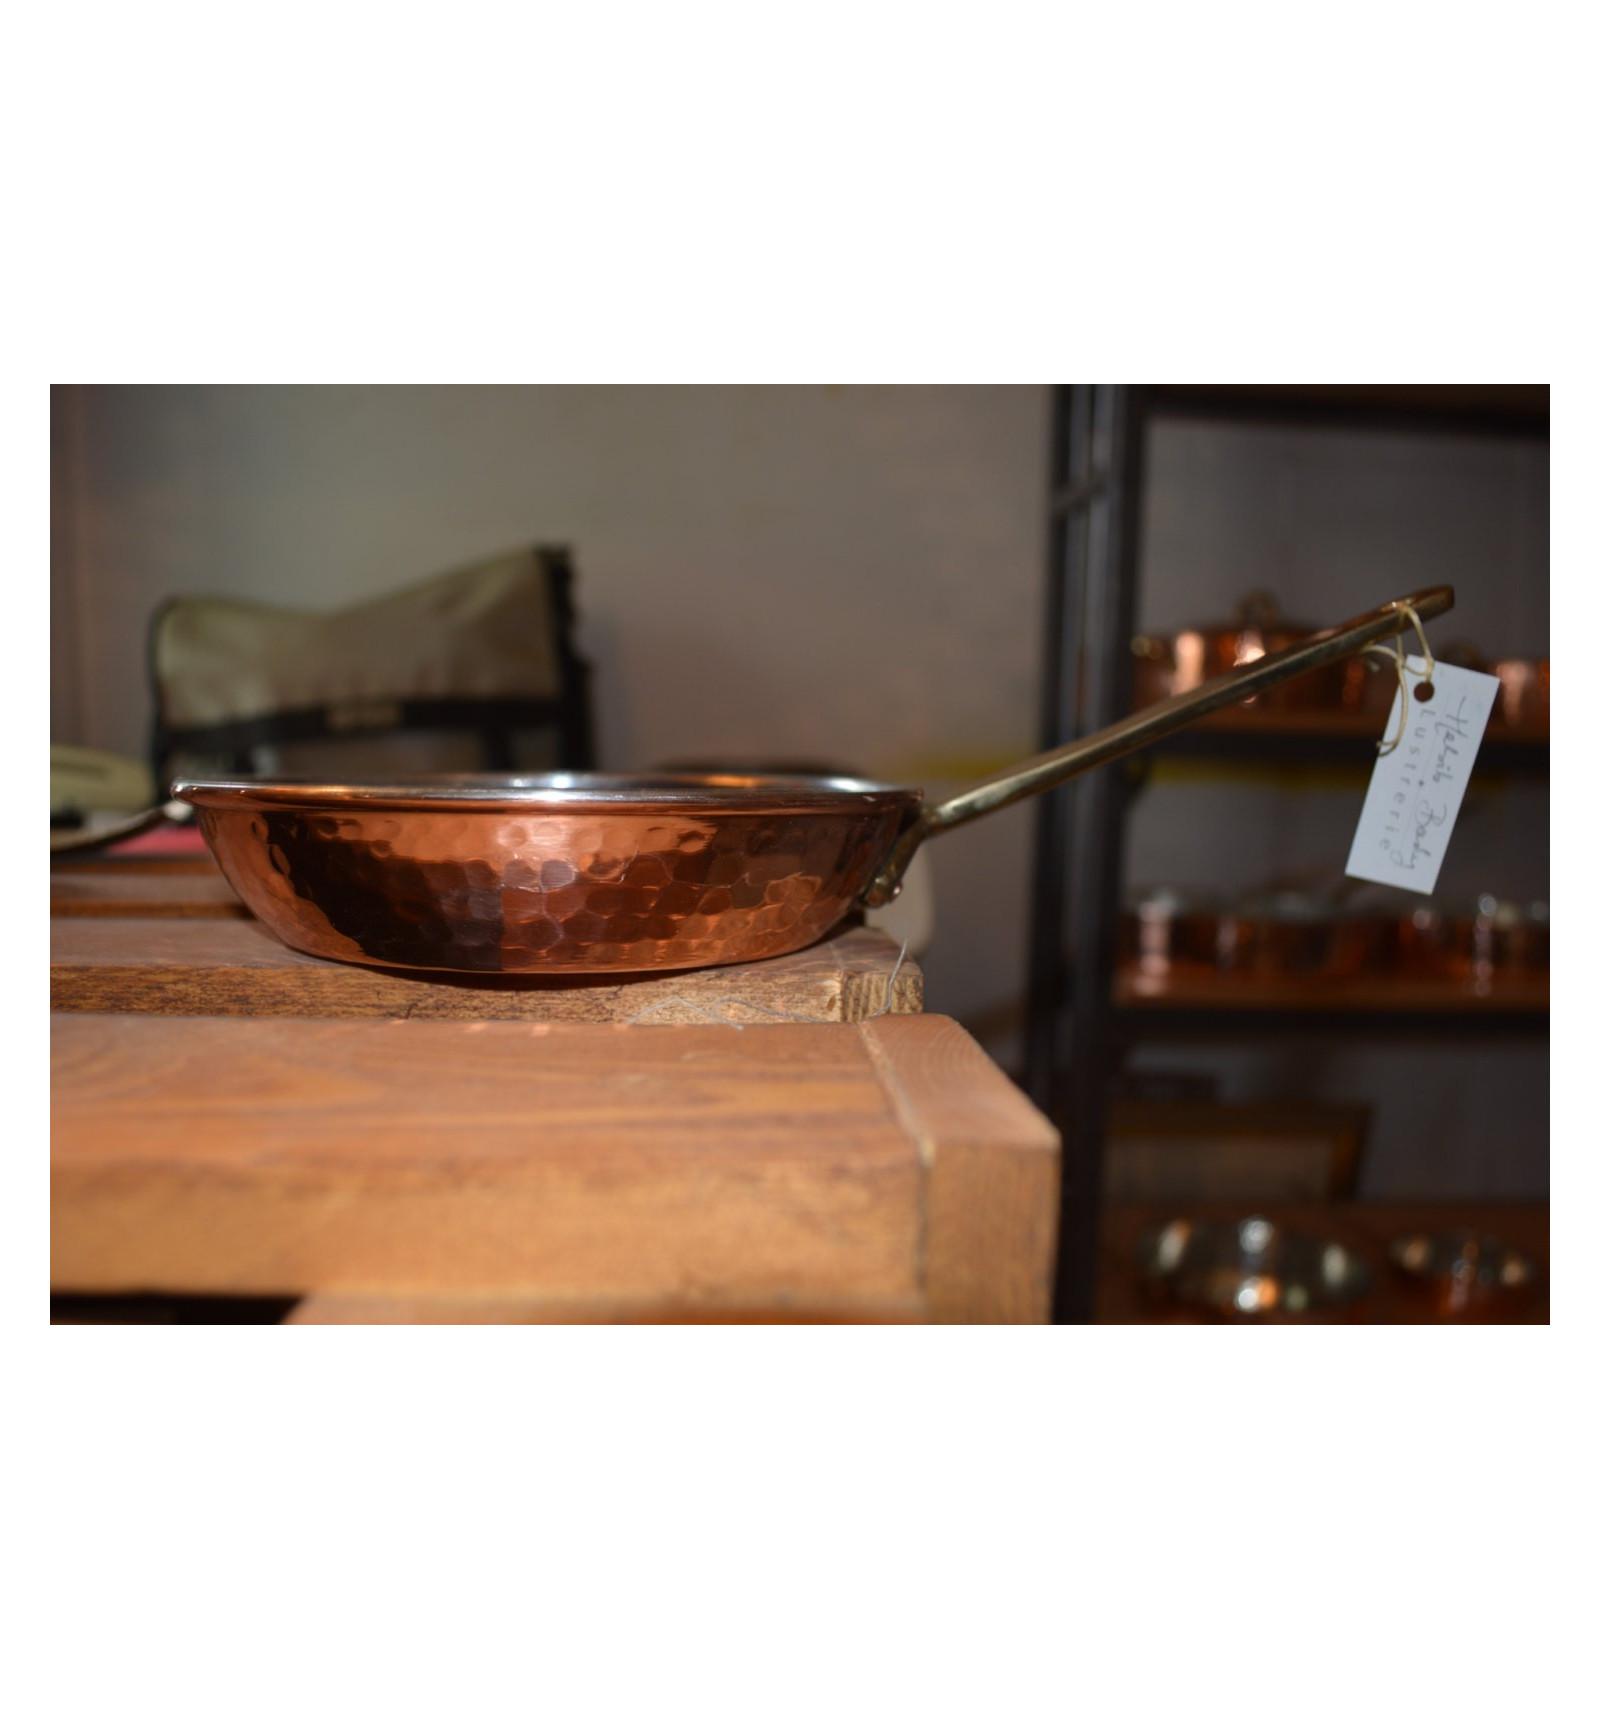 po le ronde en cuivre martel ustensiles de cuisine en cuivre cuisson en cuivre. Black Bedroom Furniture Sets. Home Design Ideas